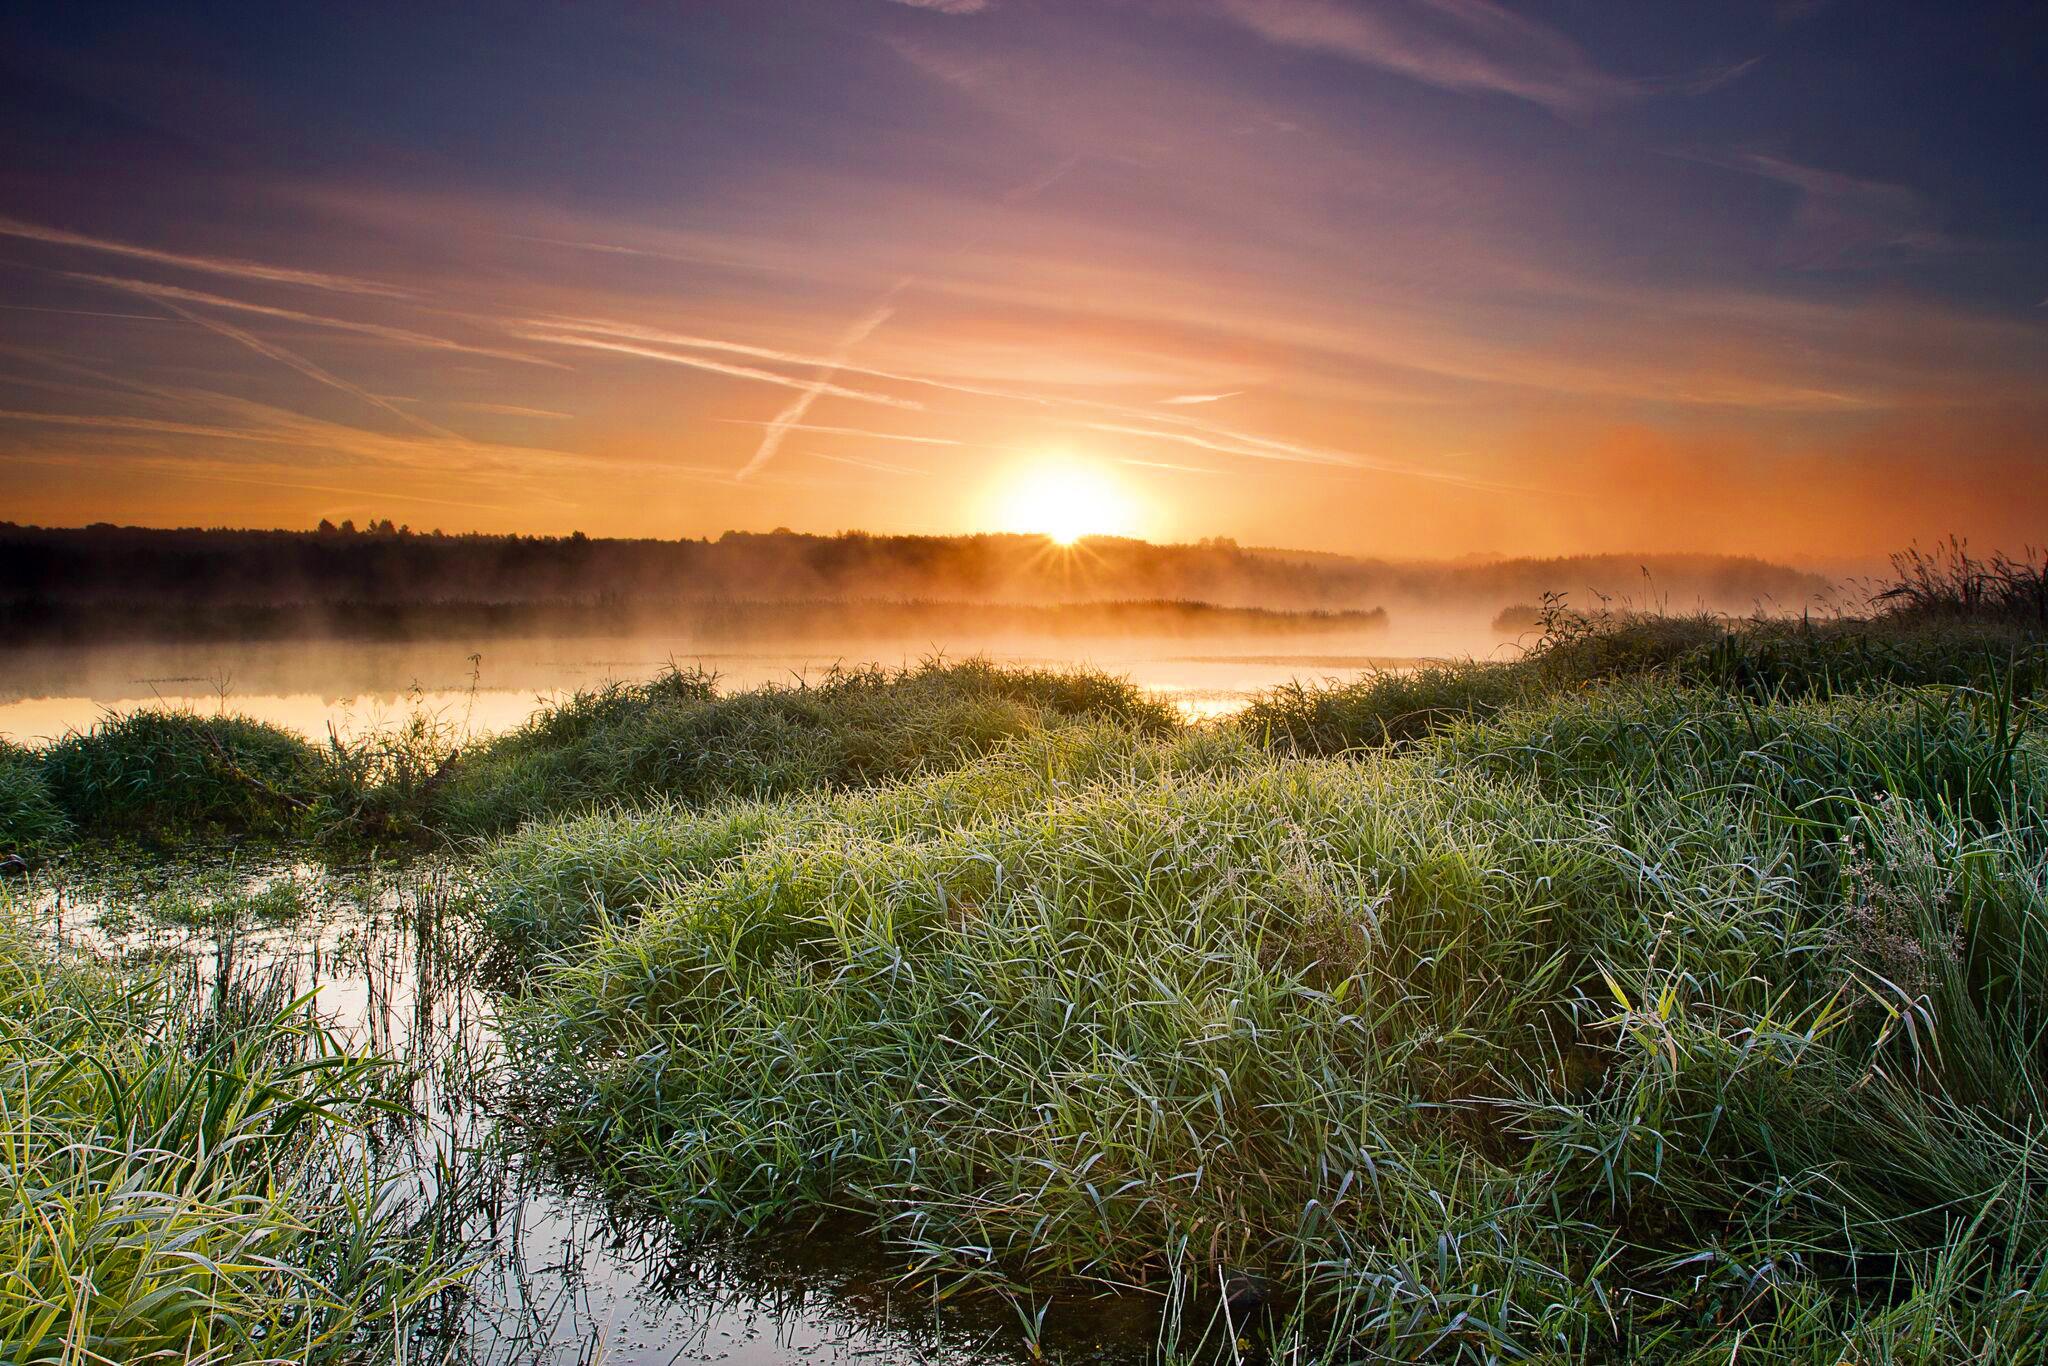 Natur erlebbar machen © VDN/Waldfreundin